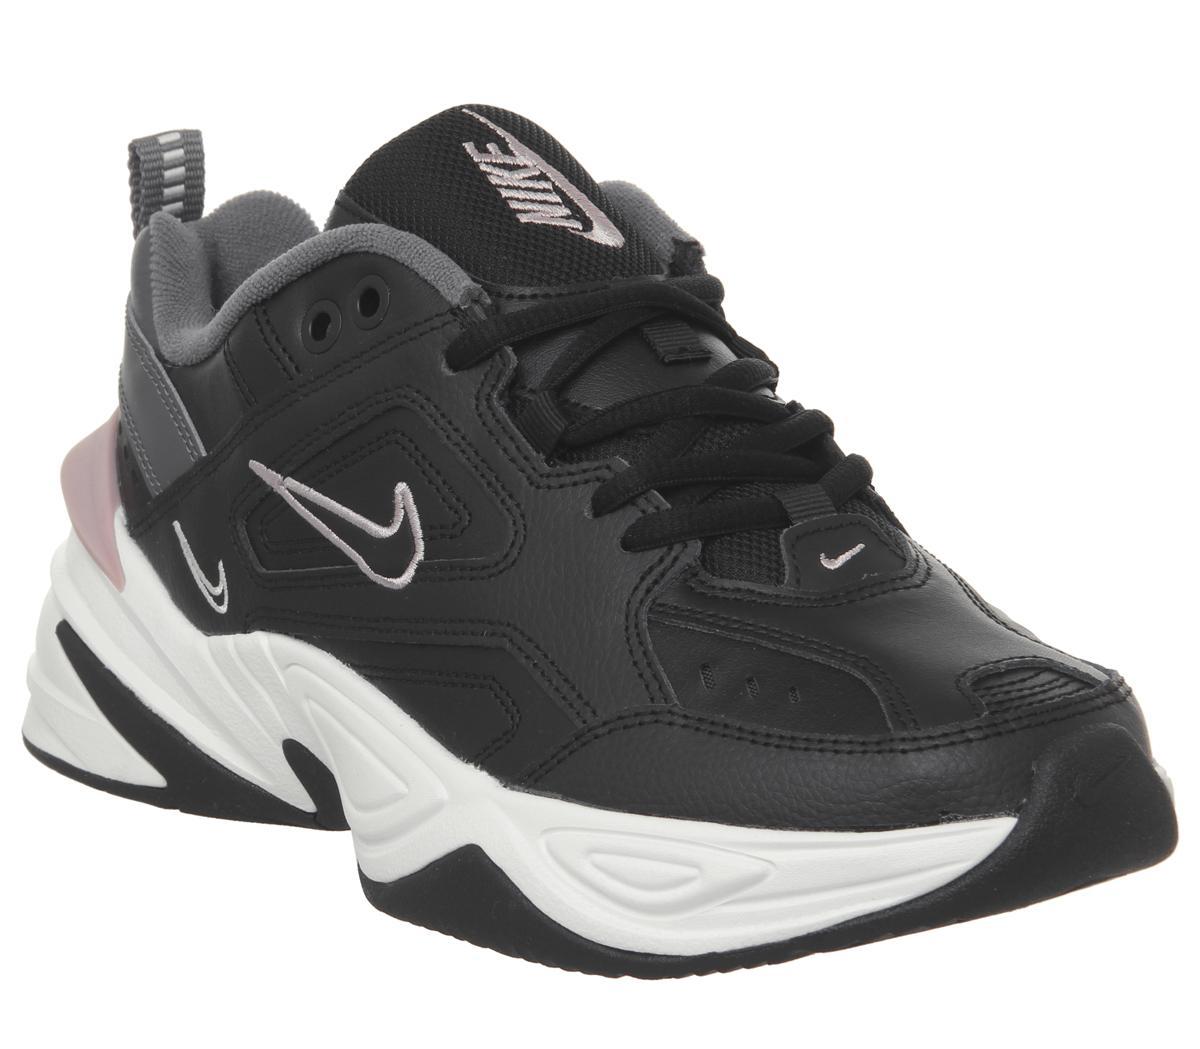 Nike M2k Tekno Trainers Black Plum